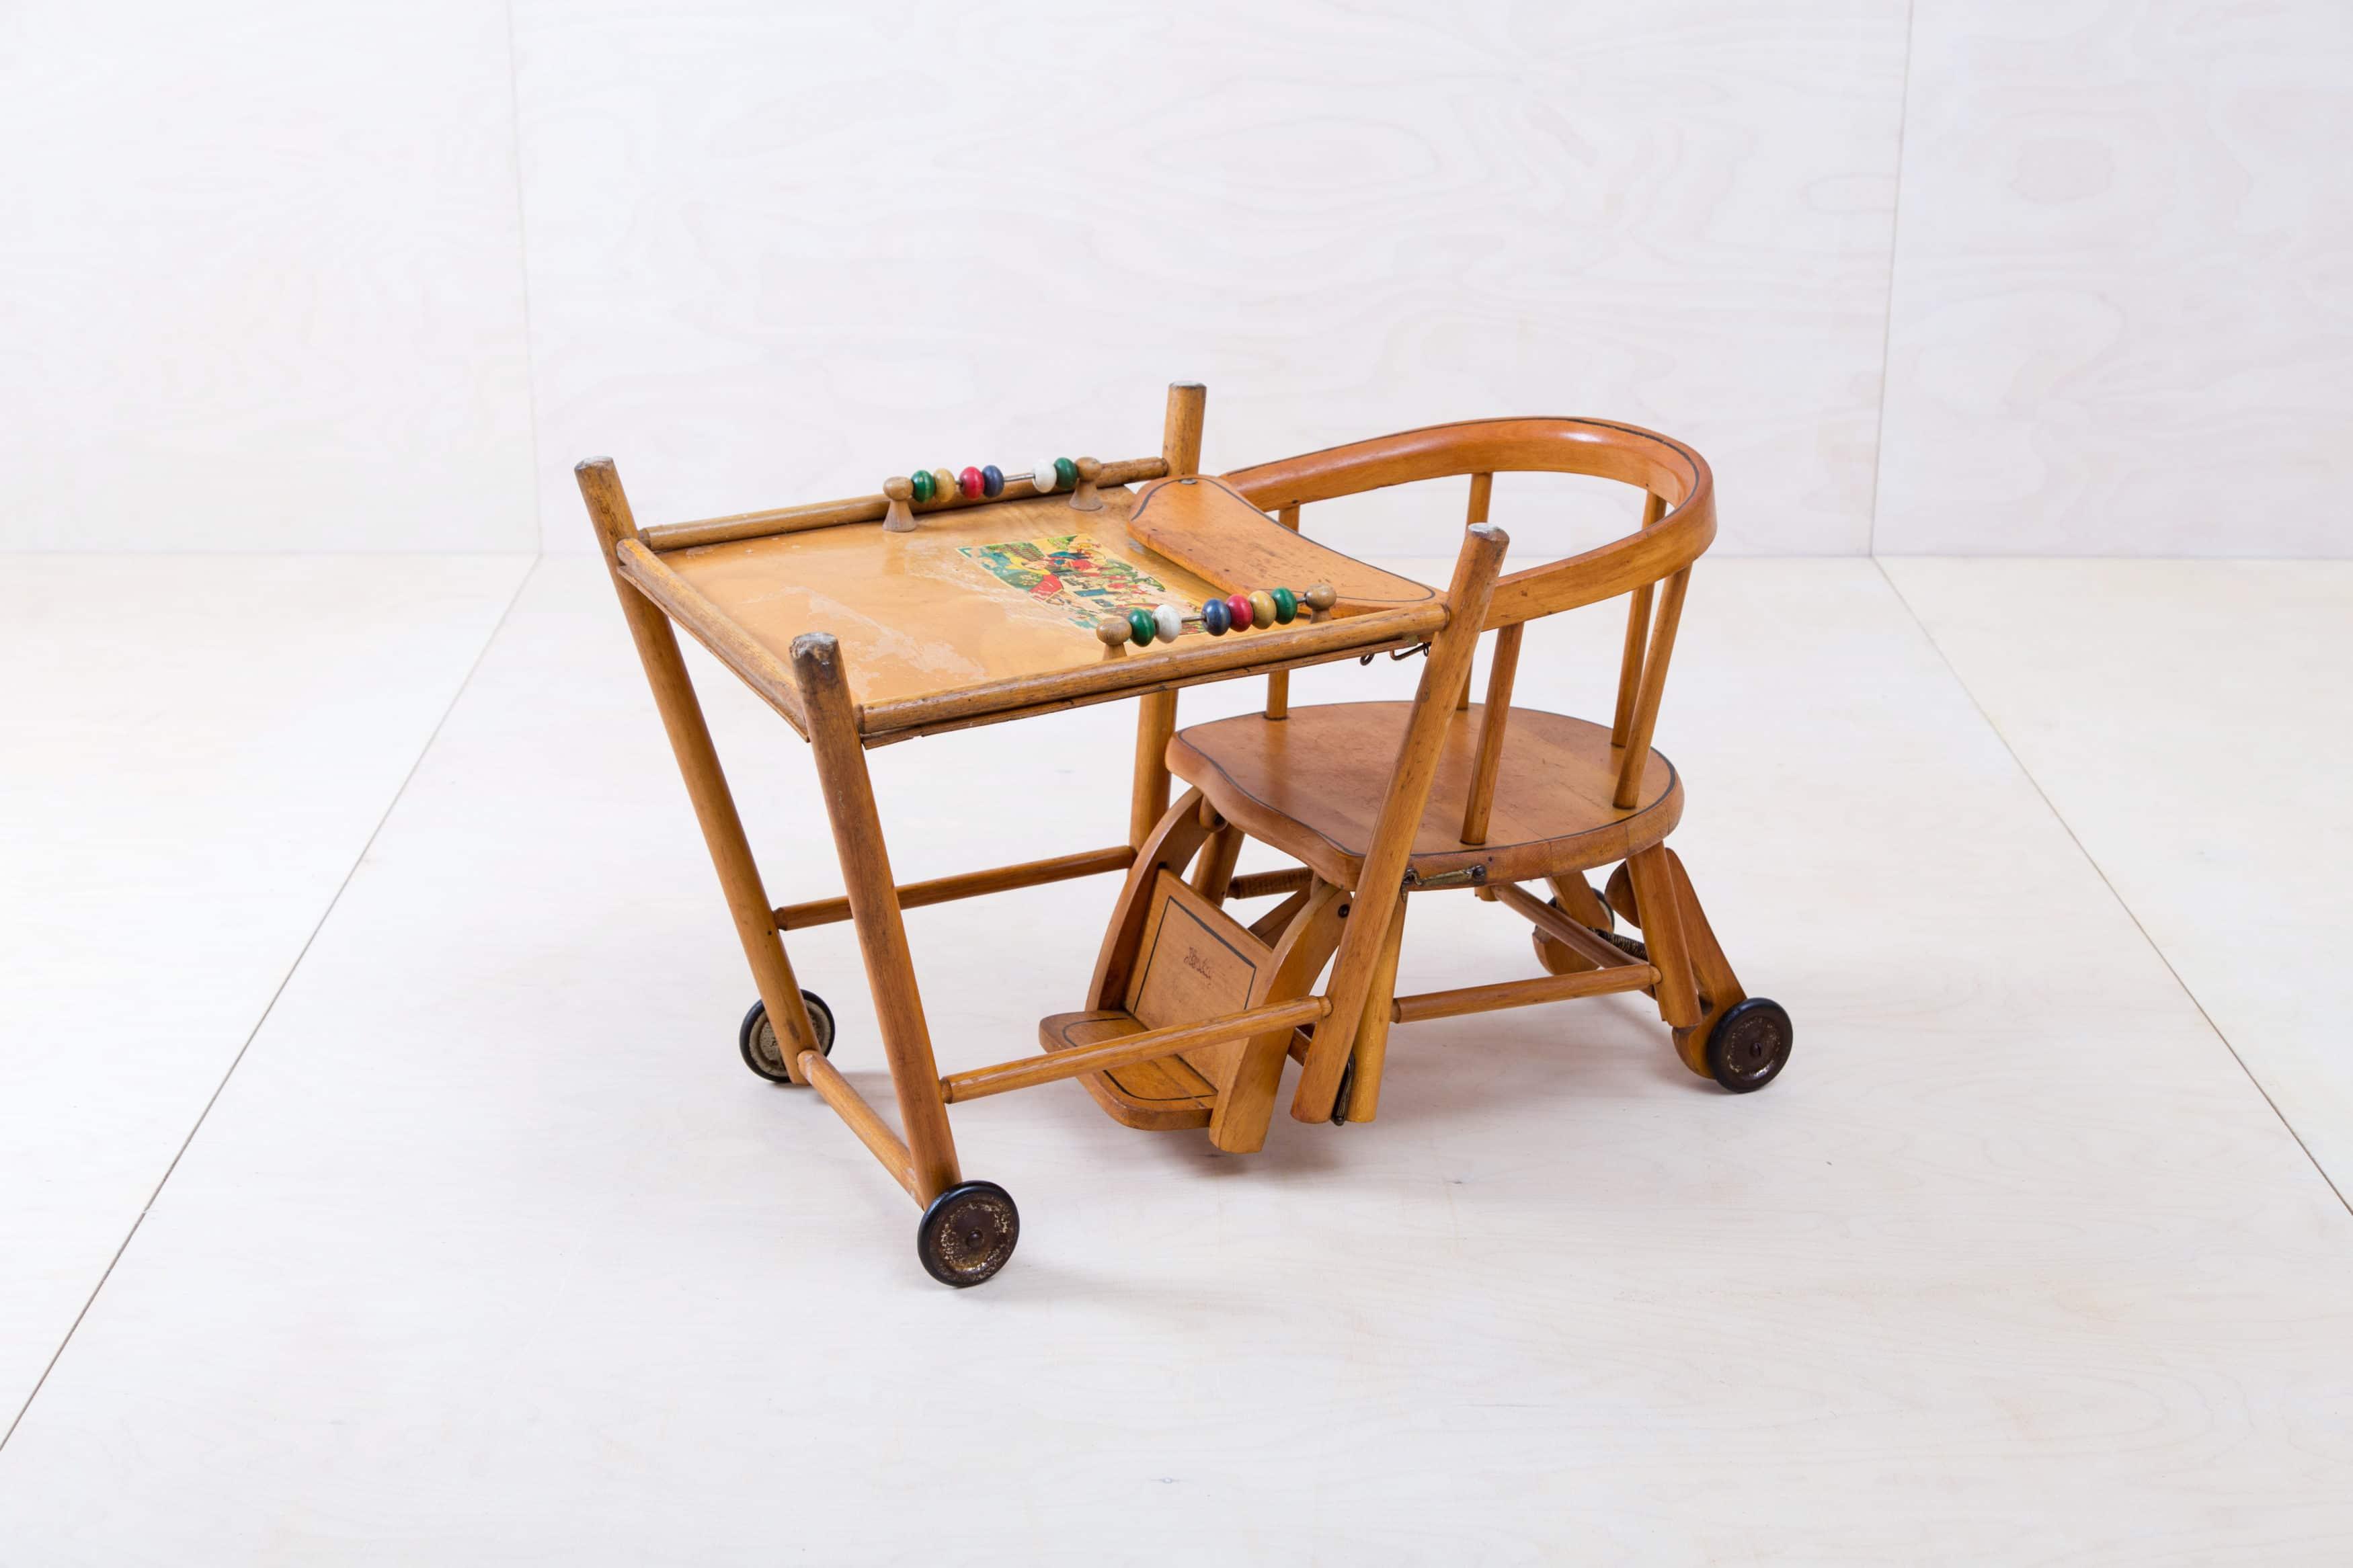 Holzmobiliar, Hochstühle & Kinderspielzeug zu mieten